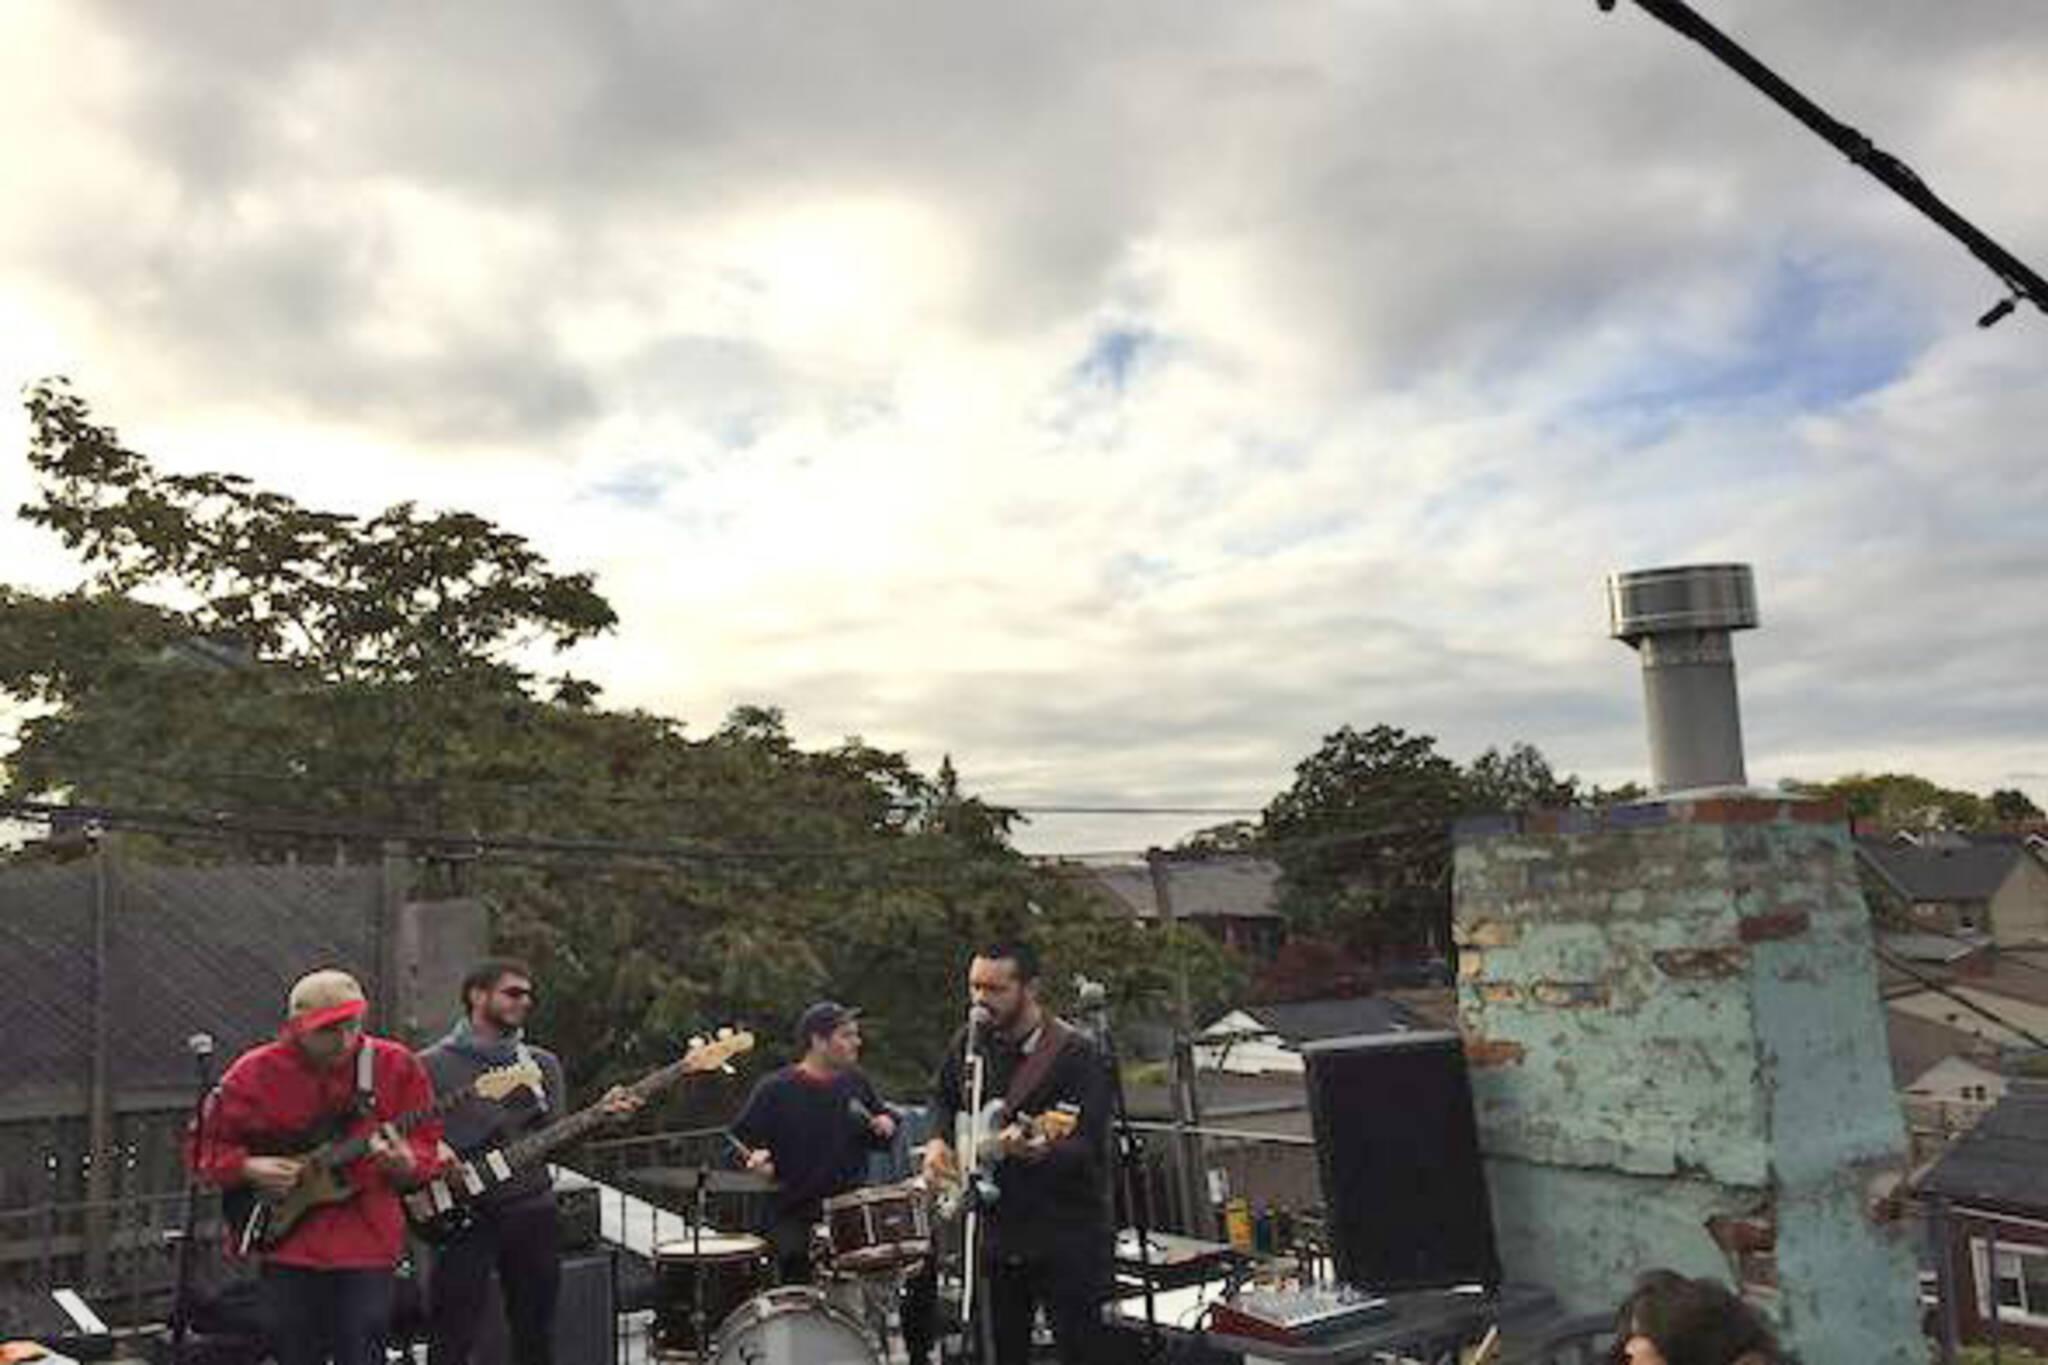 toronto rooftop concert